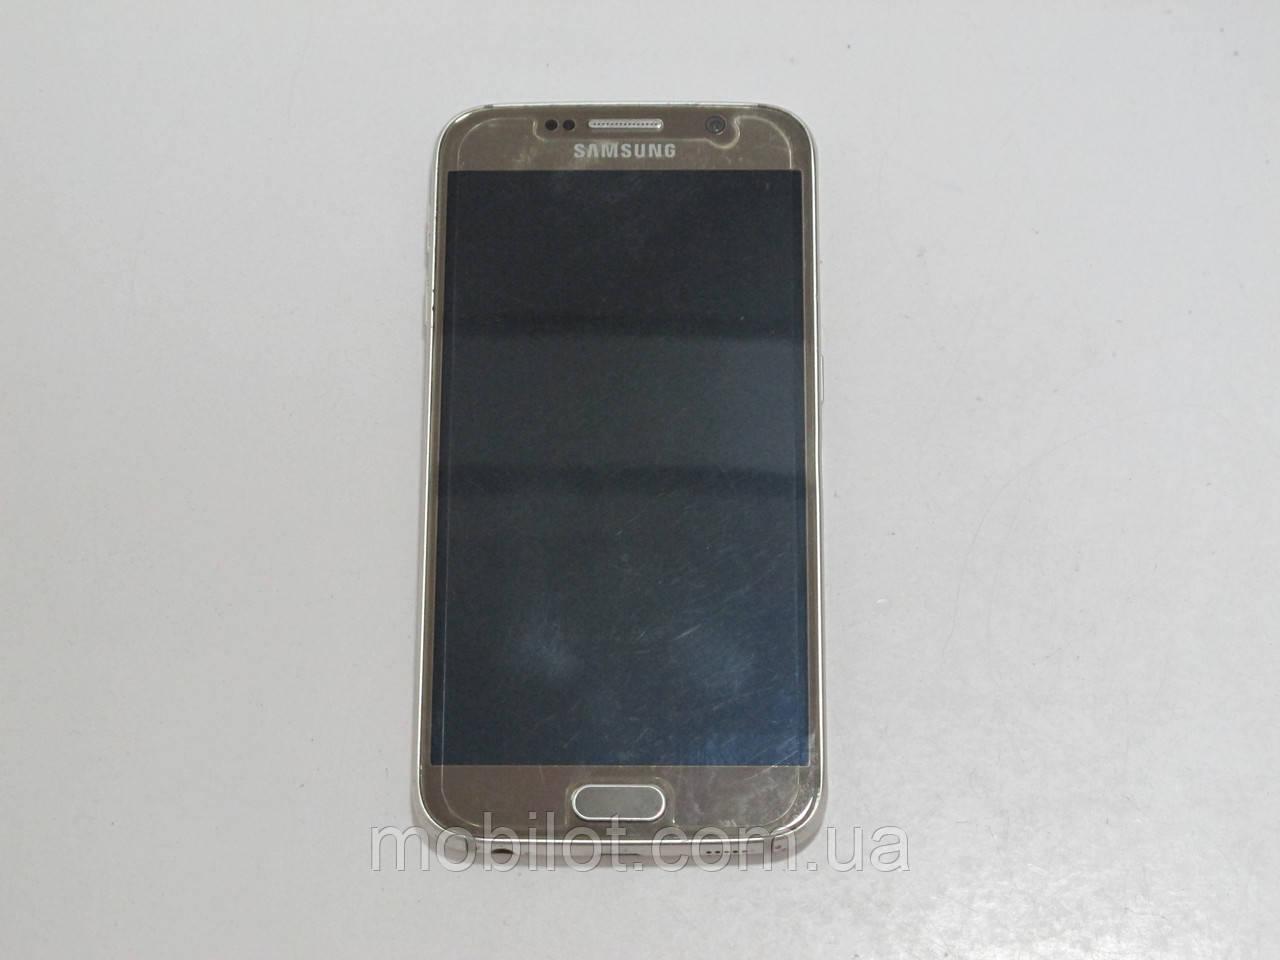 Мобильный телефон Samsung S6 G920F (TZBA-7858)Нет в наличии